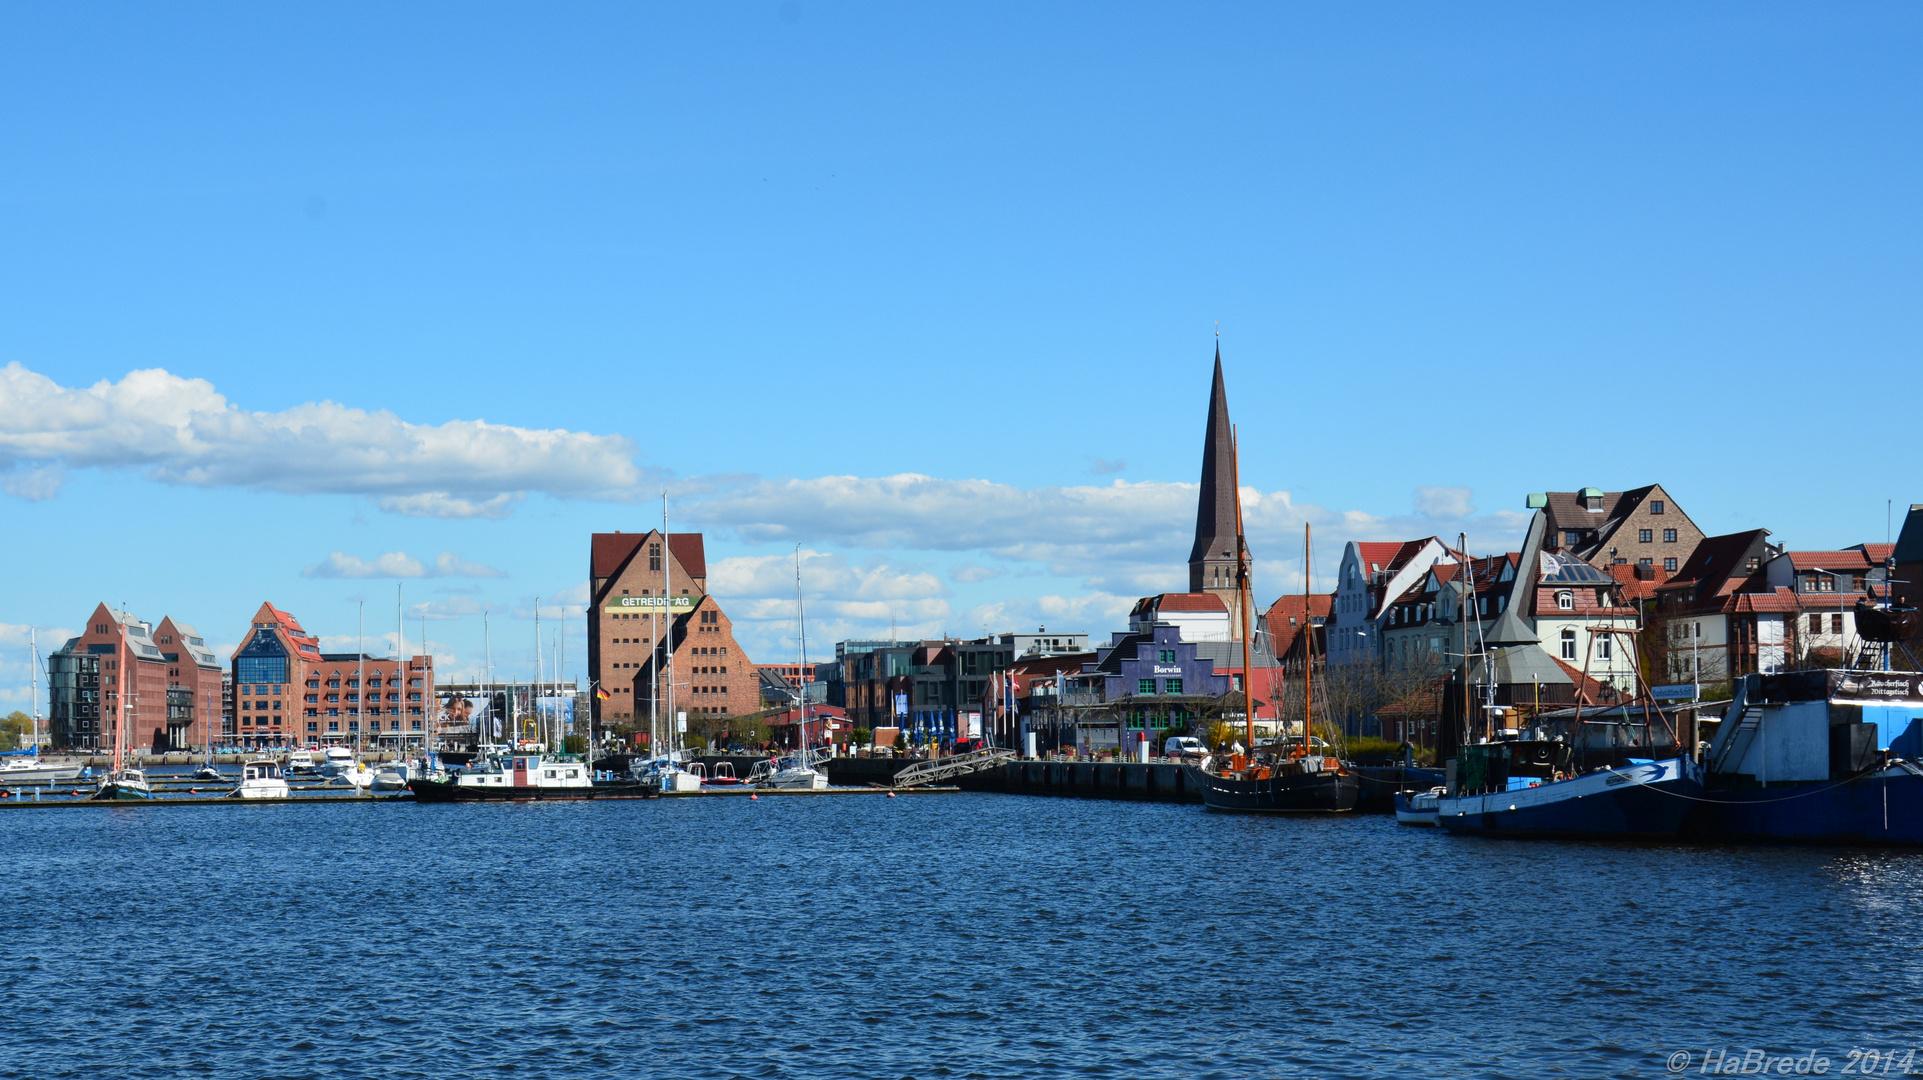 Der Hafen in Rostock